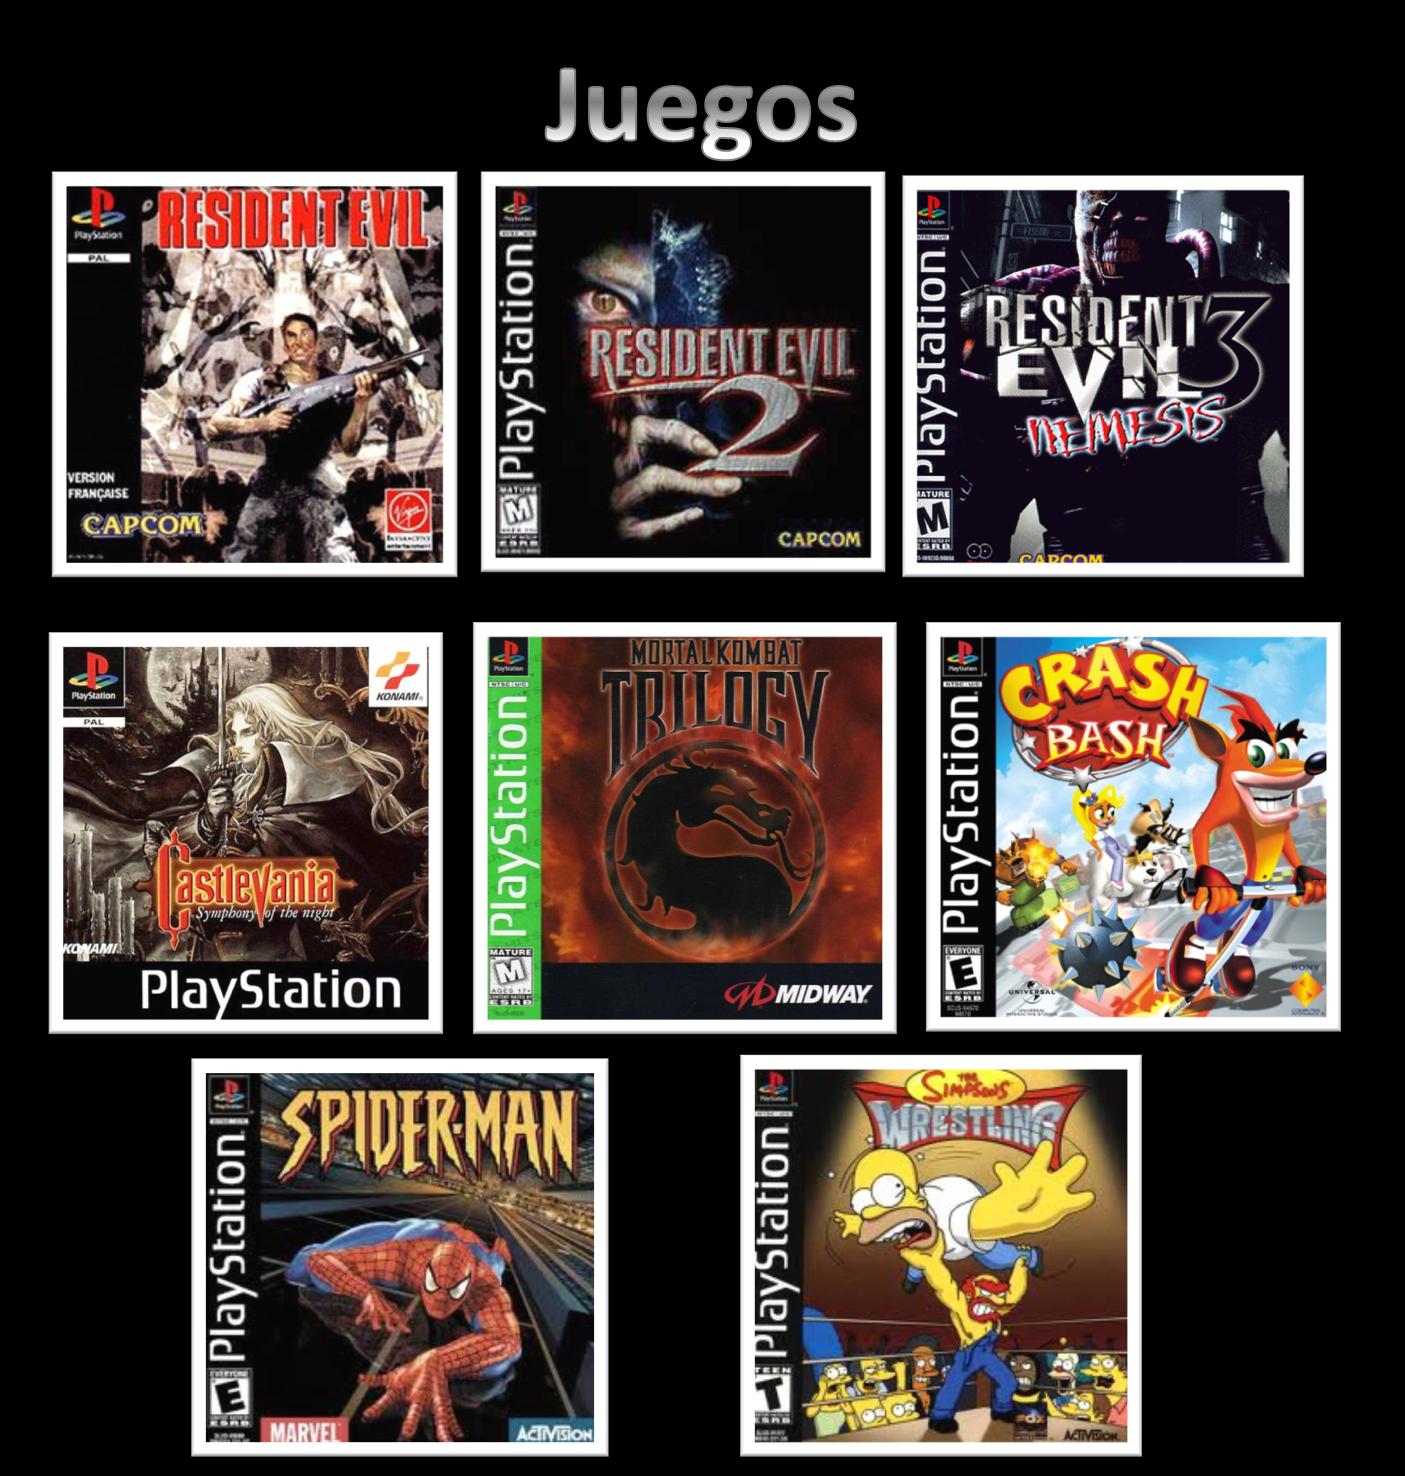 1 juegos com: